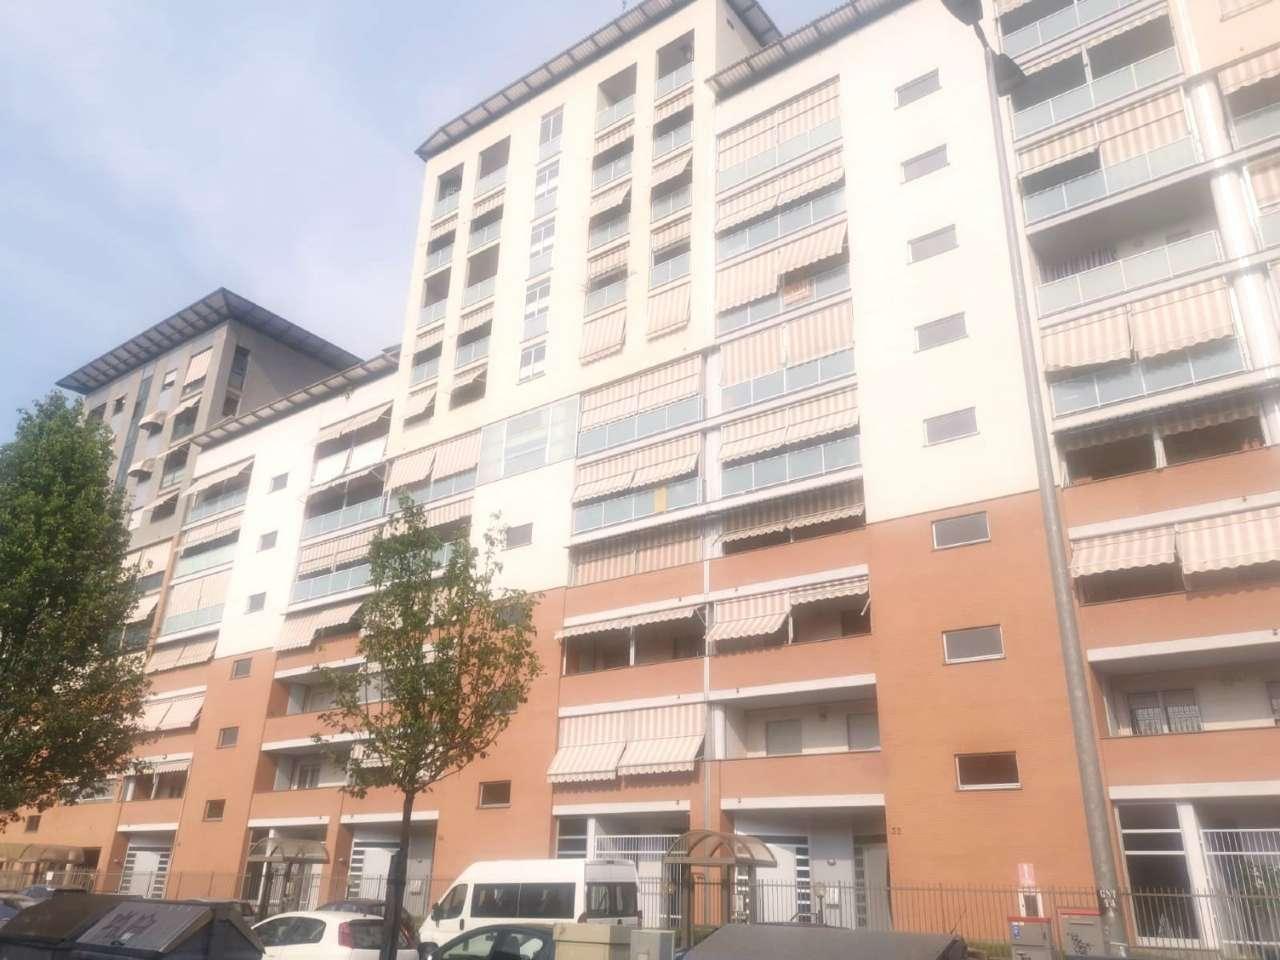 Appartamento in vendita Zona Madonna di Campagna, Borgo Vittoria... - Via Gressoney 32 Torino